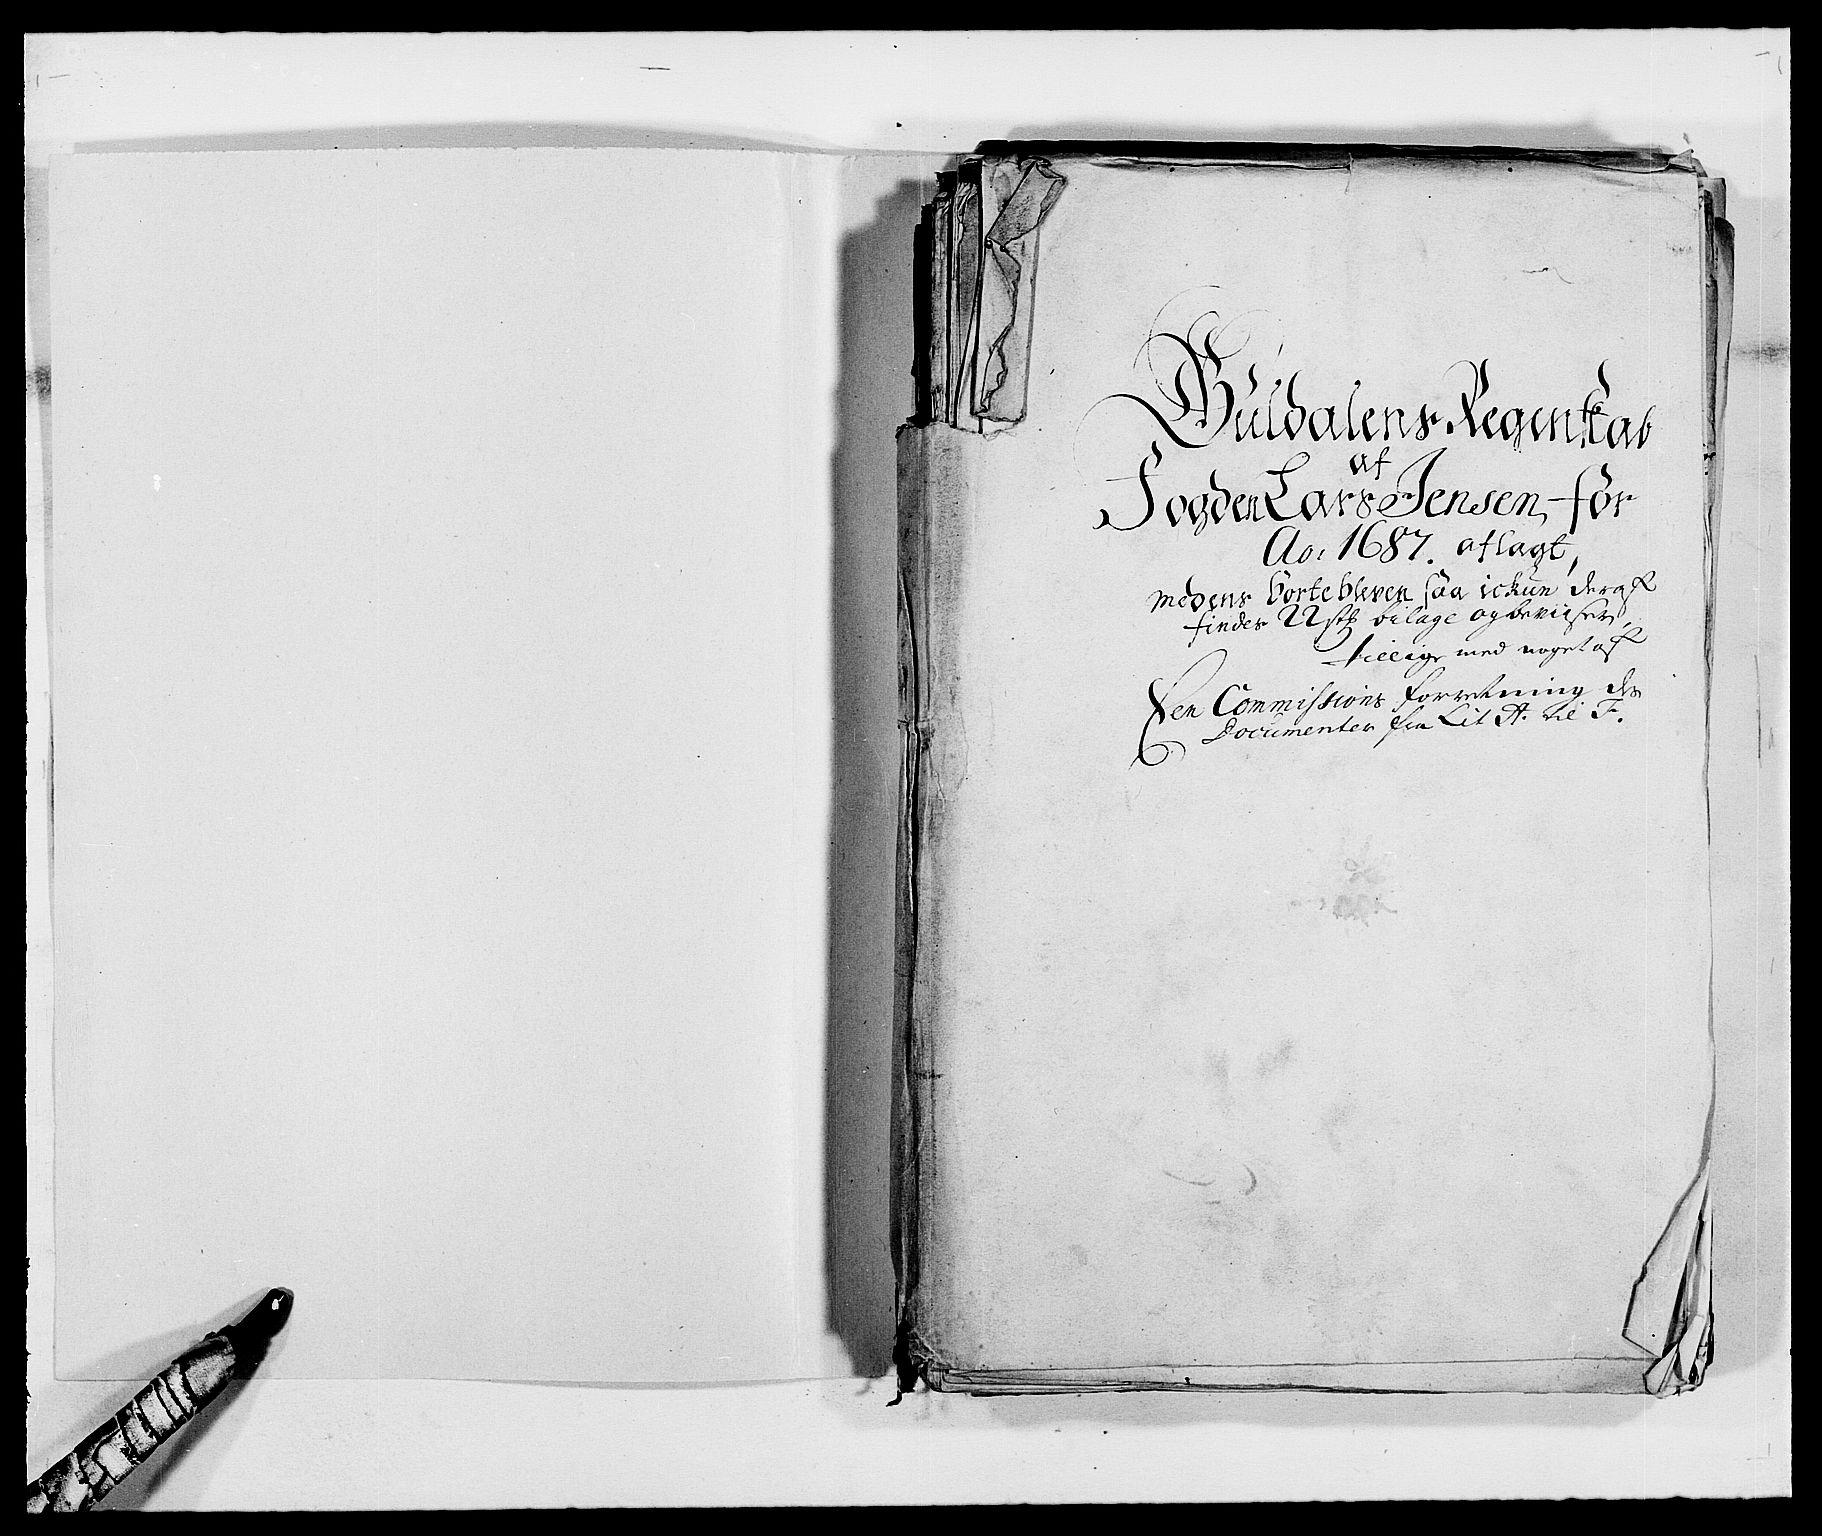 RA, Rentekammeret inntil 1814, Reviderte regnskaper, Fogderegnskap, R59/L3939: Fogderegnskap Gauldal, 1687-1688, s. 2